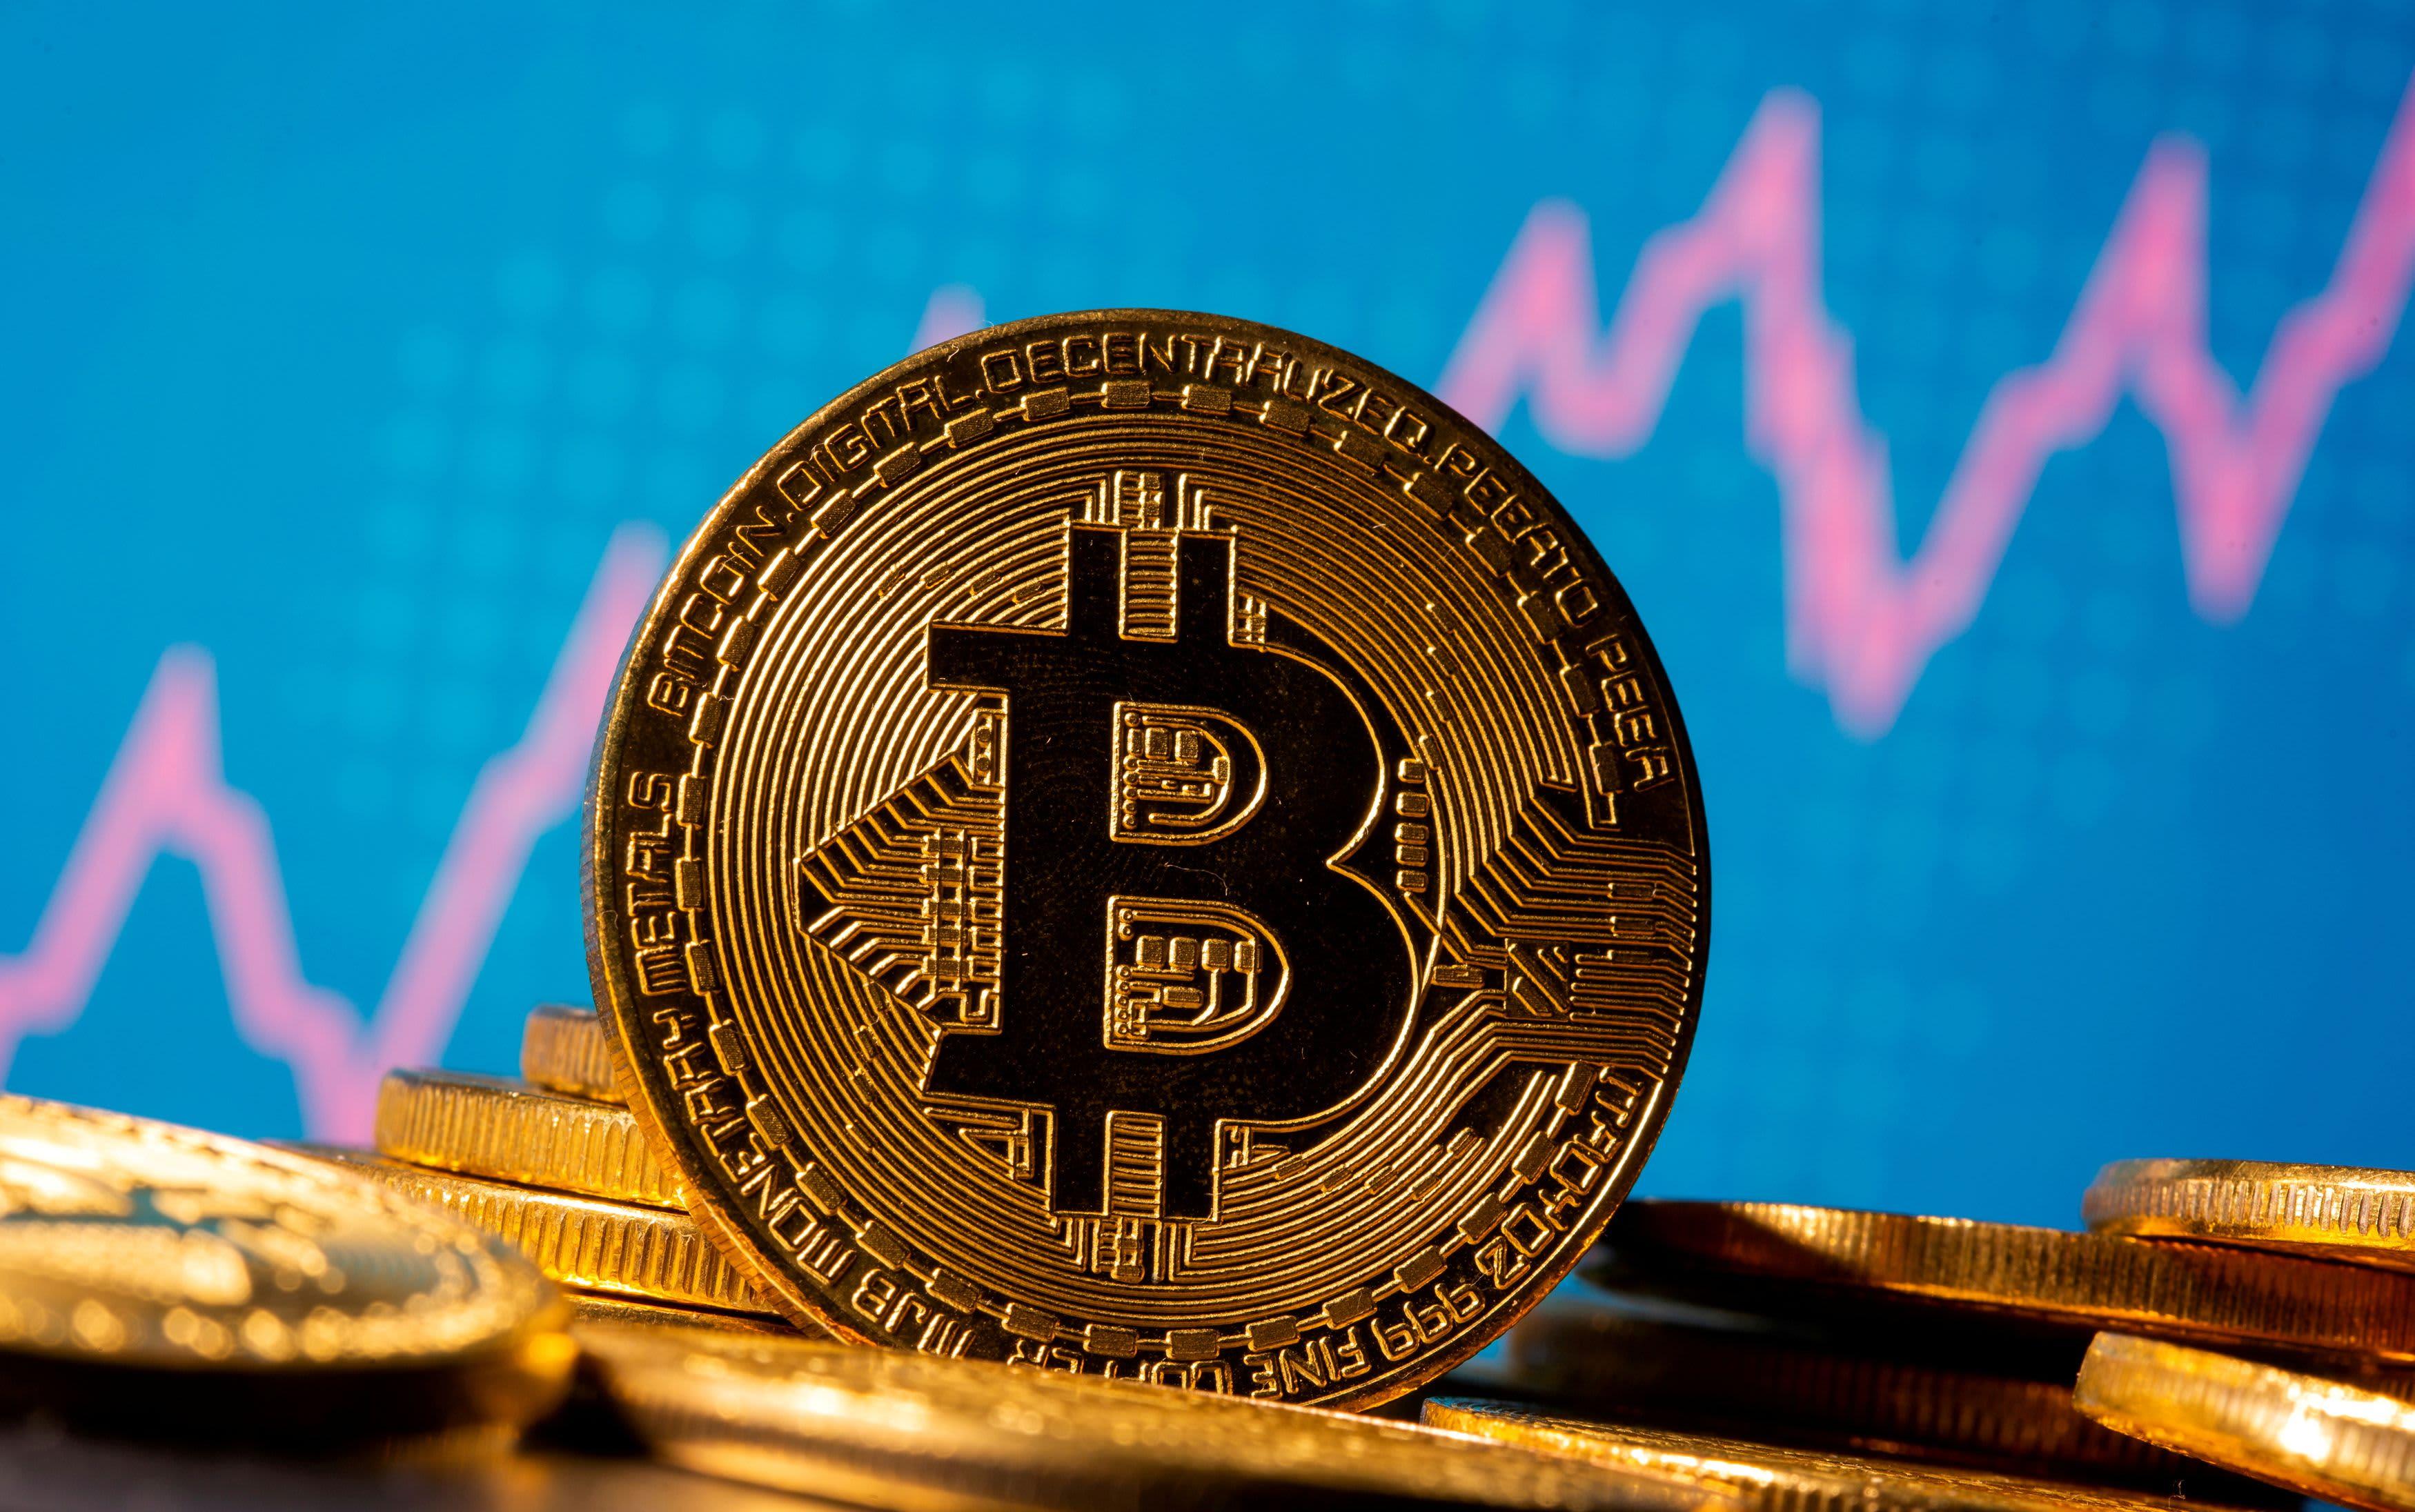 Bitcoin retakes $46,000 as rebound continues